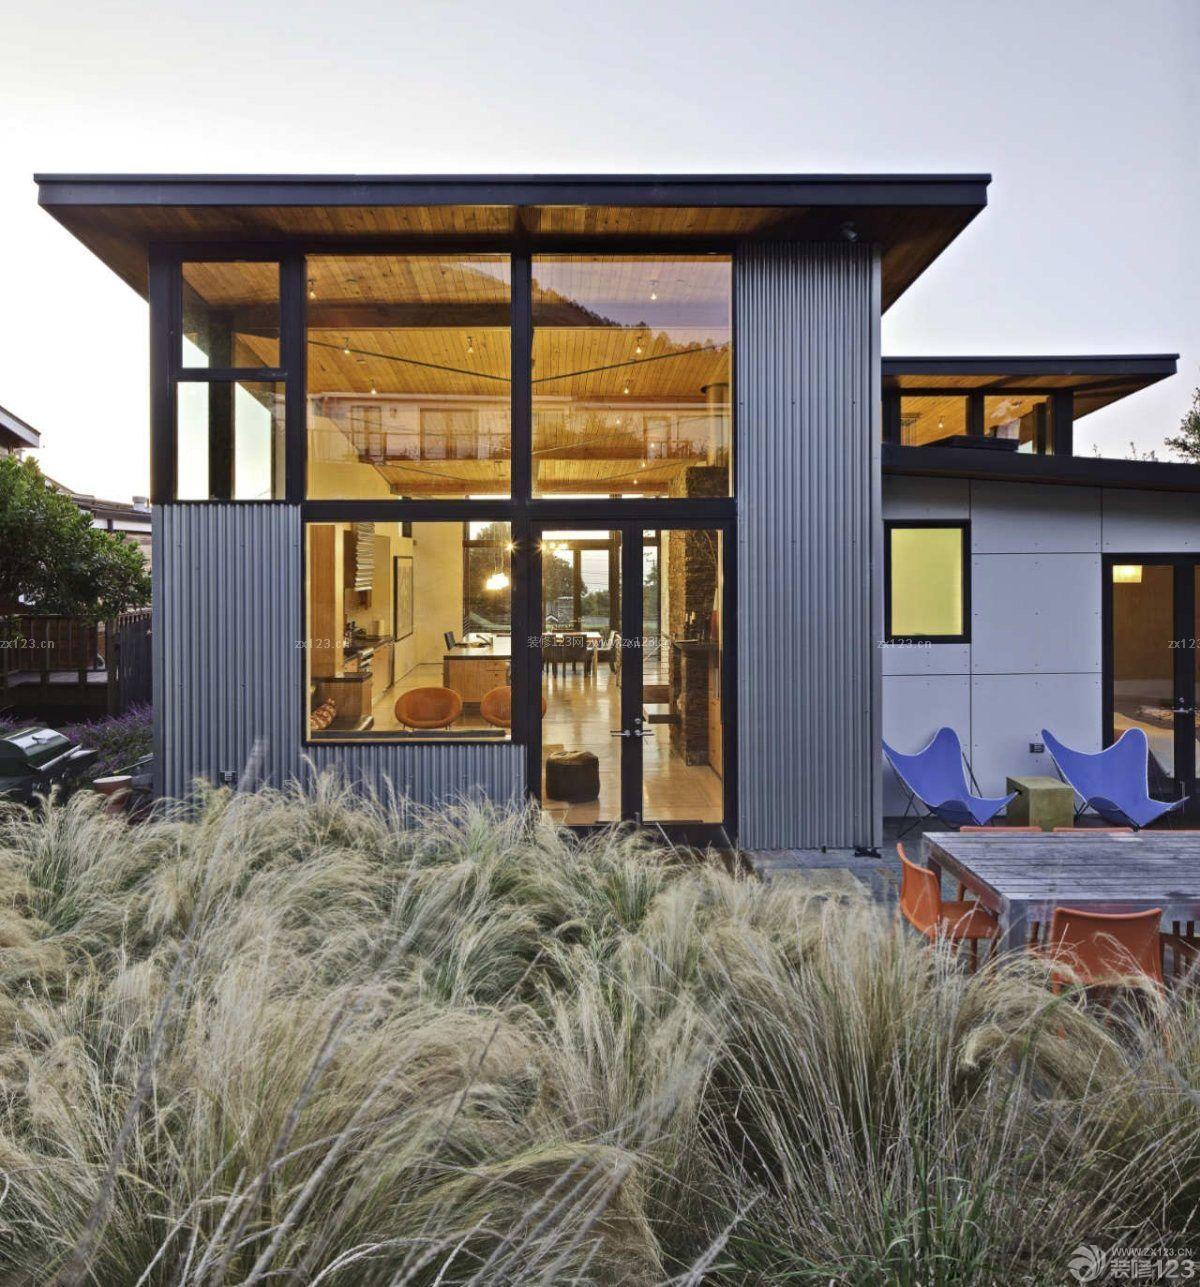 现代农村别墅裸辞玻璃窗外观设计效果图